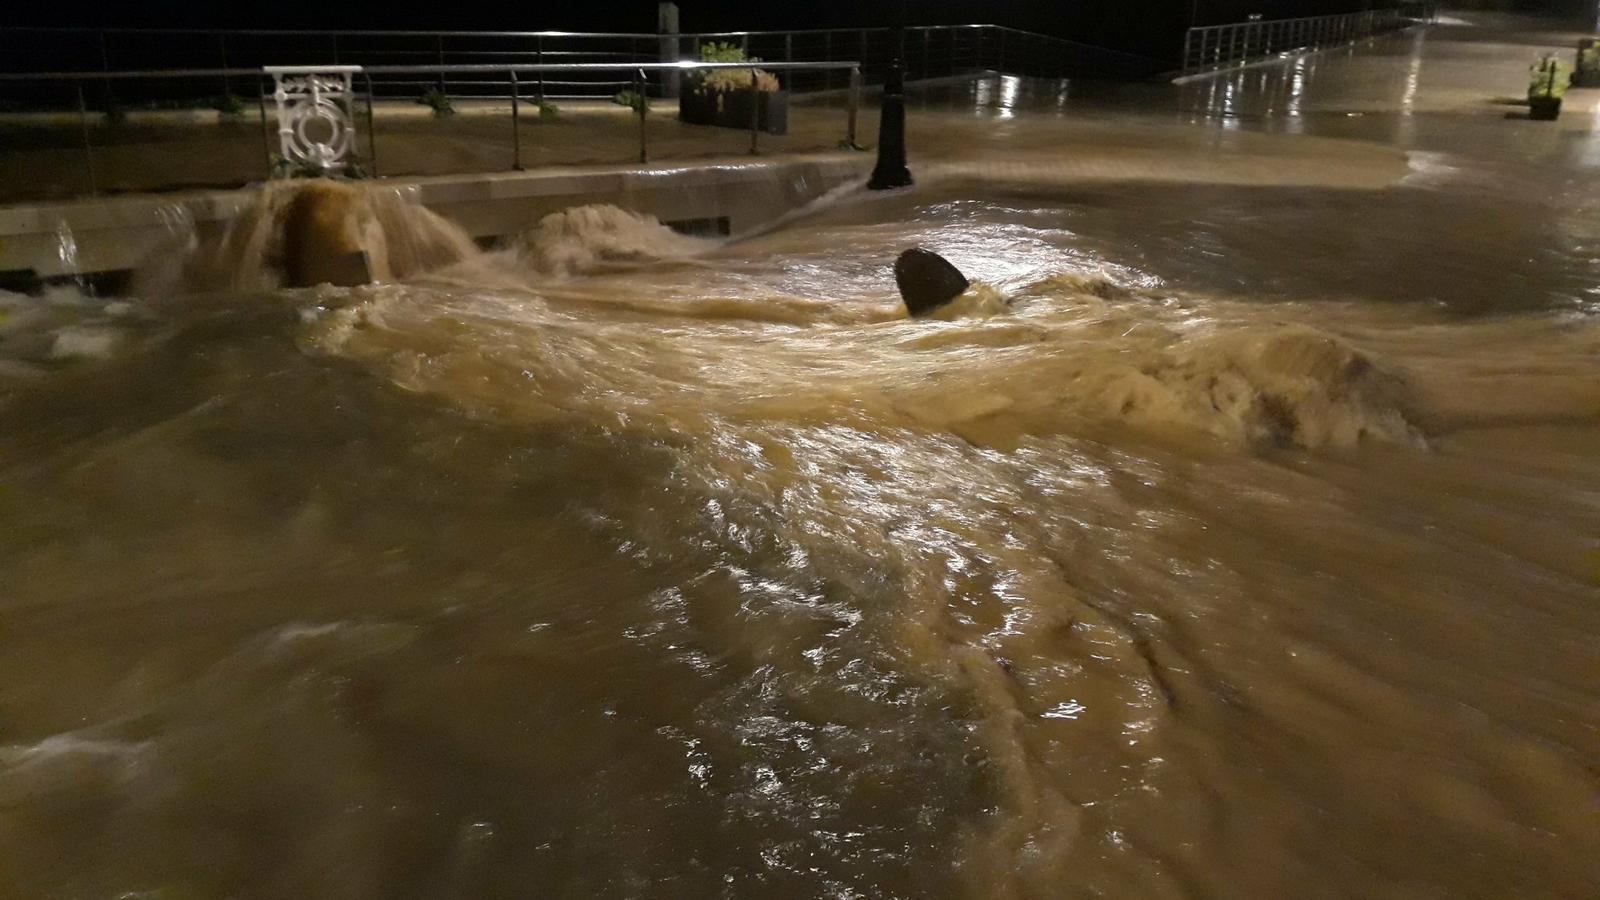 Nit i matinada de pedregades i aiguats: més de 60 litres/m2 en alguns punts del Baix Penedès